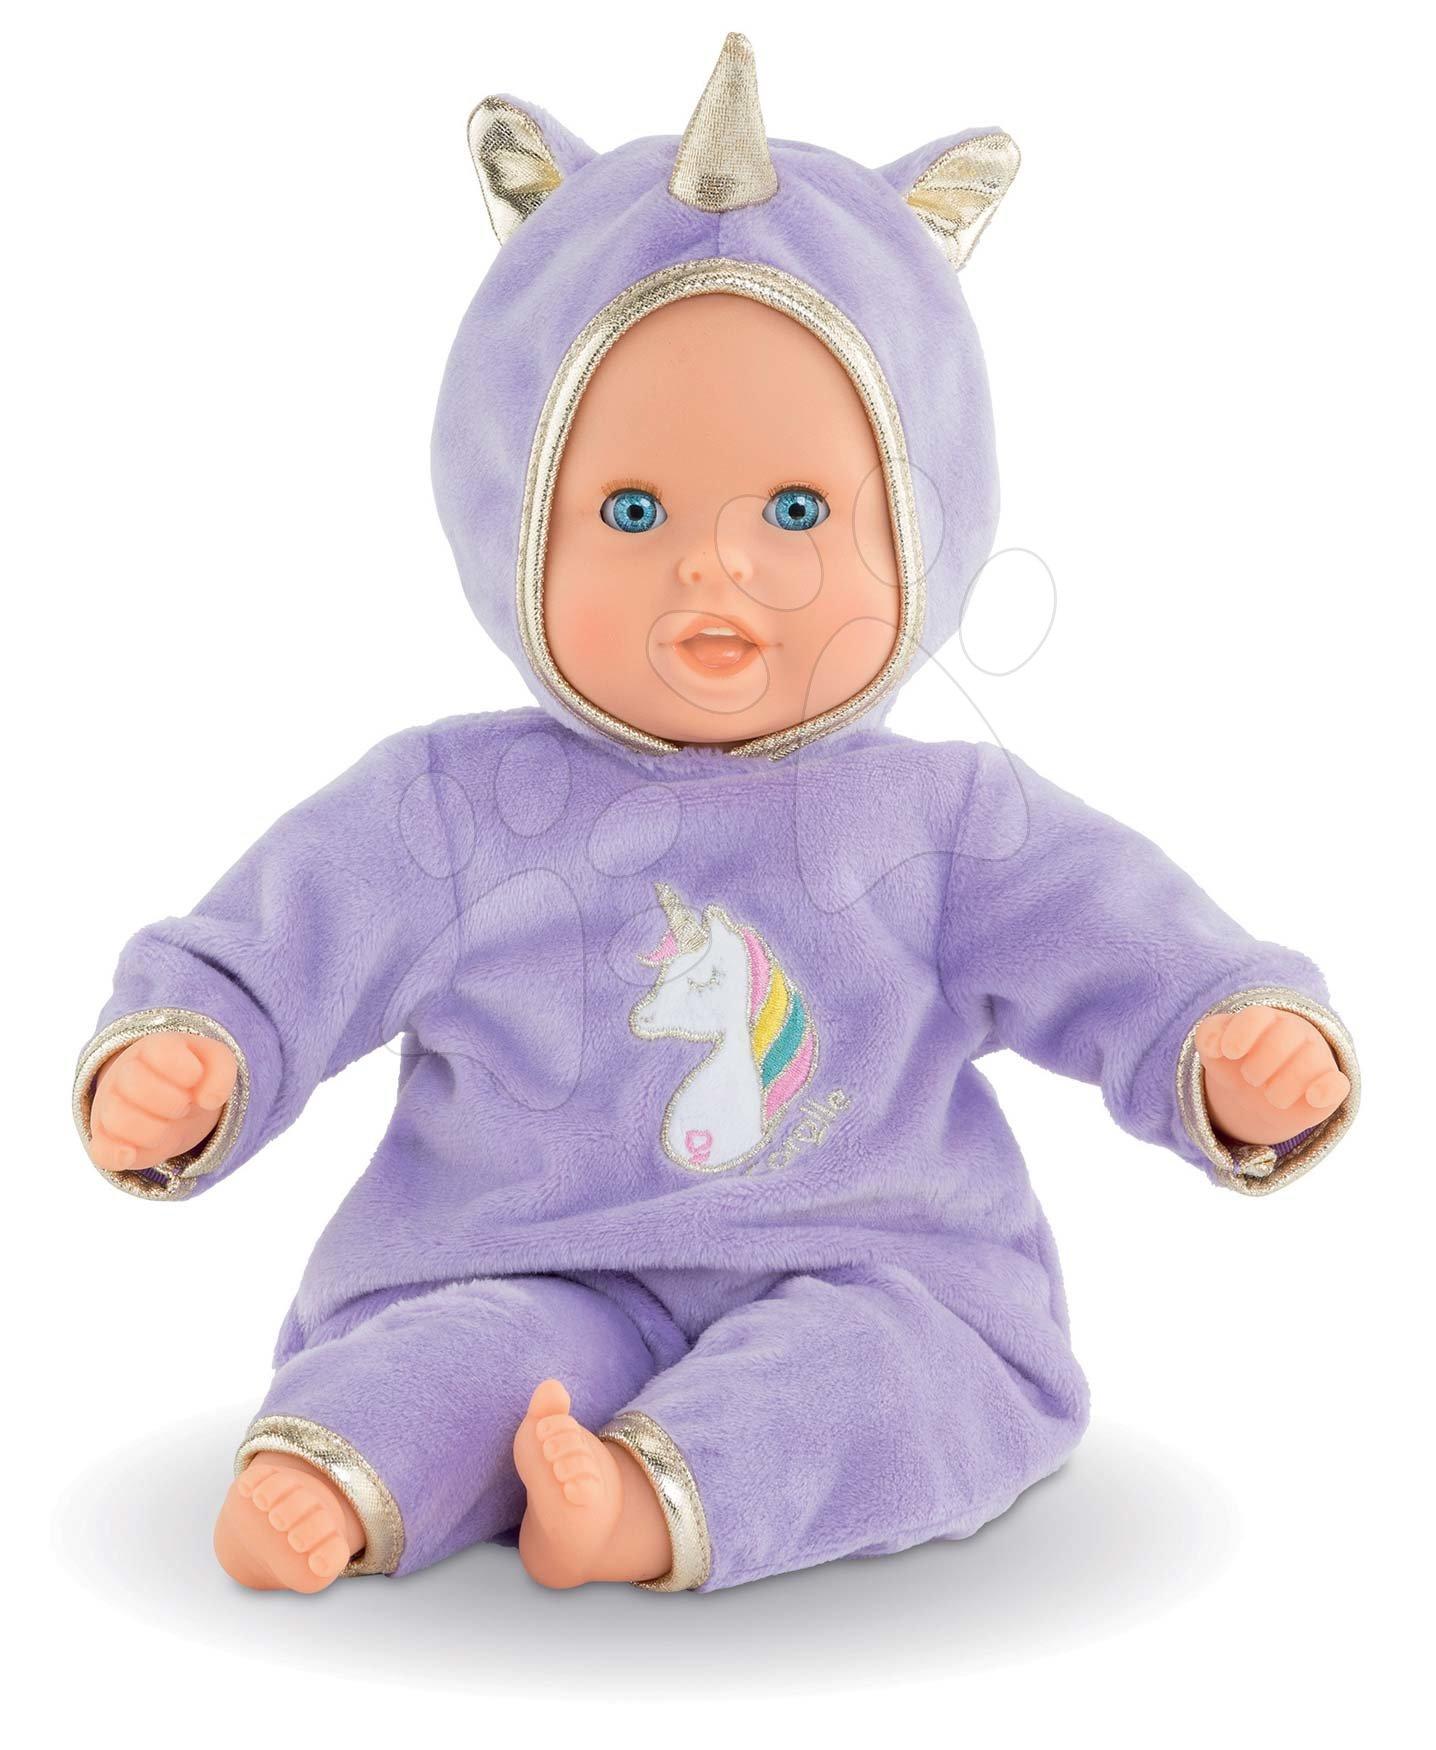 Panenky od 18 měsíců - Panenka Bébé Calin Unicorn Corolle s modrými mrkacími očima a fazolkami 30 cm od 18 měs